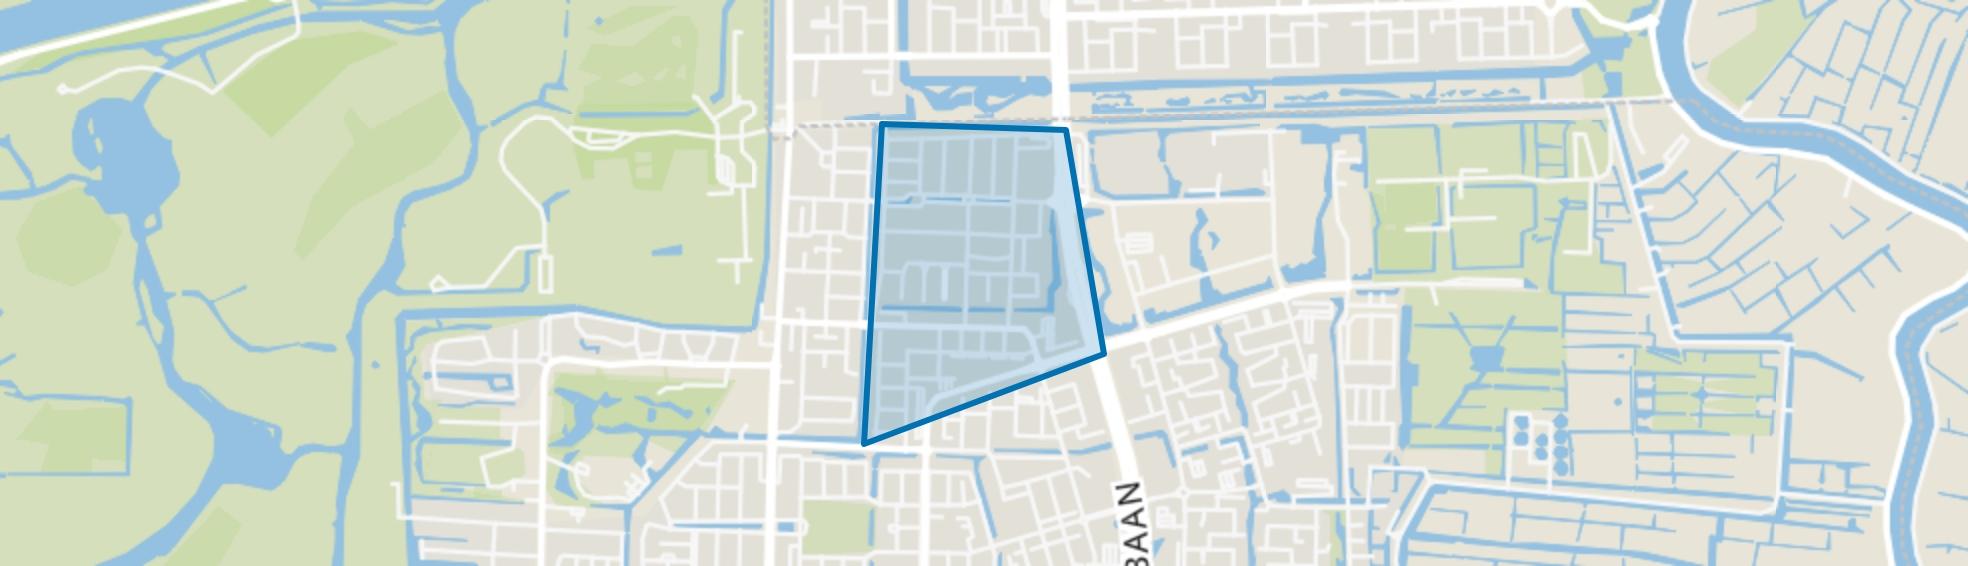 Randwijck Oost, Amstelveen map